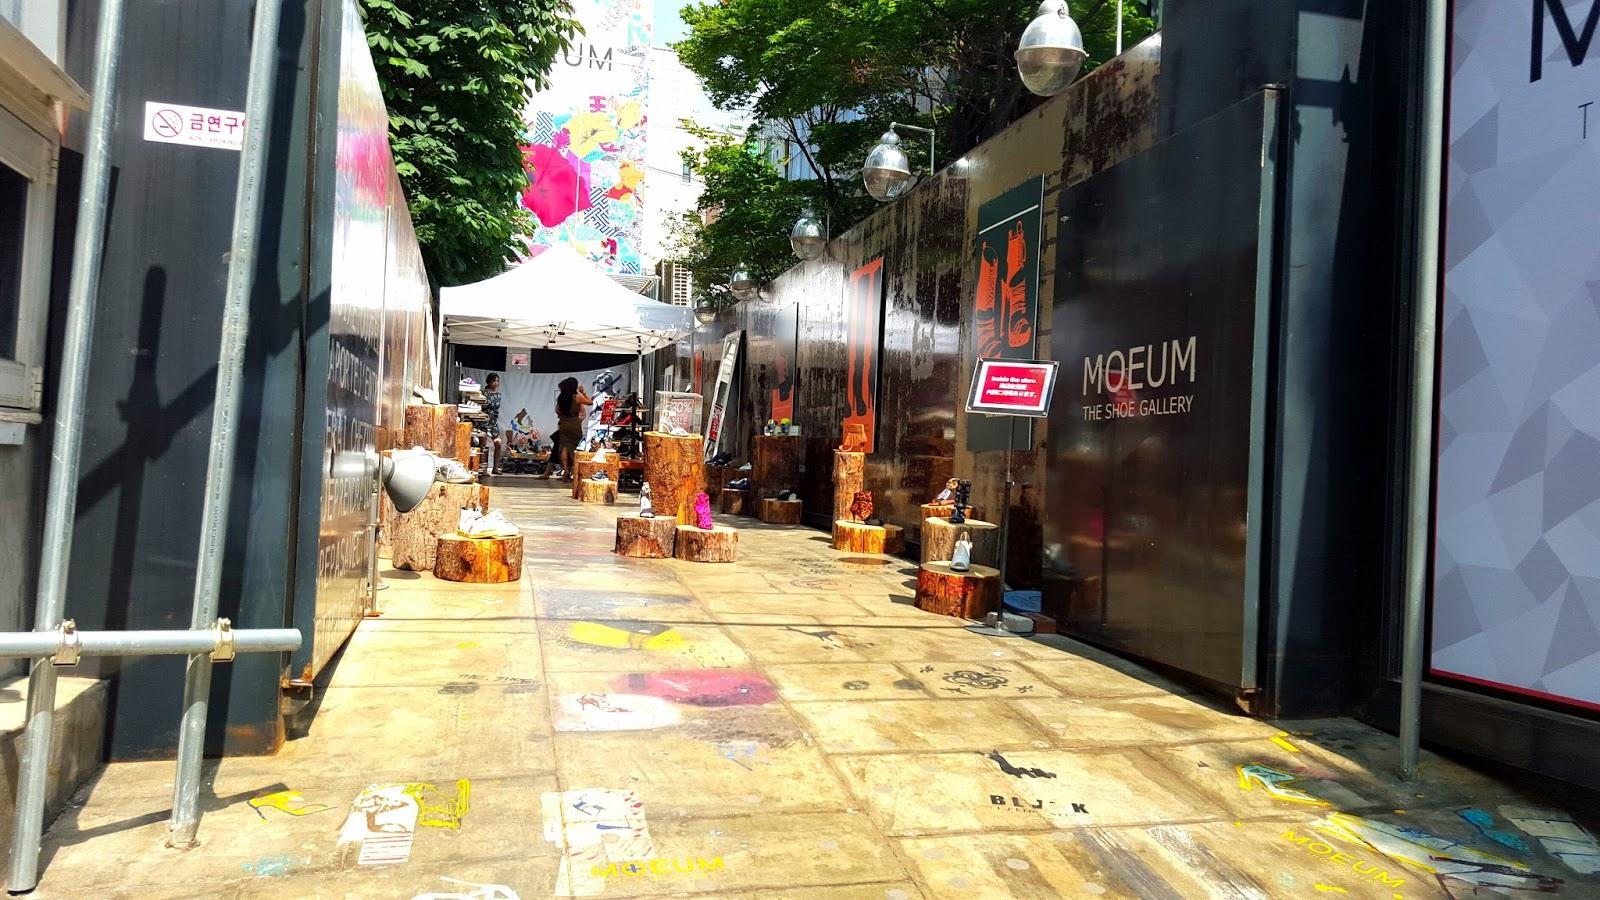 Moeum: The Shoe Gallery